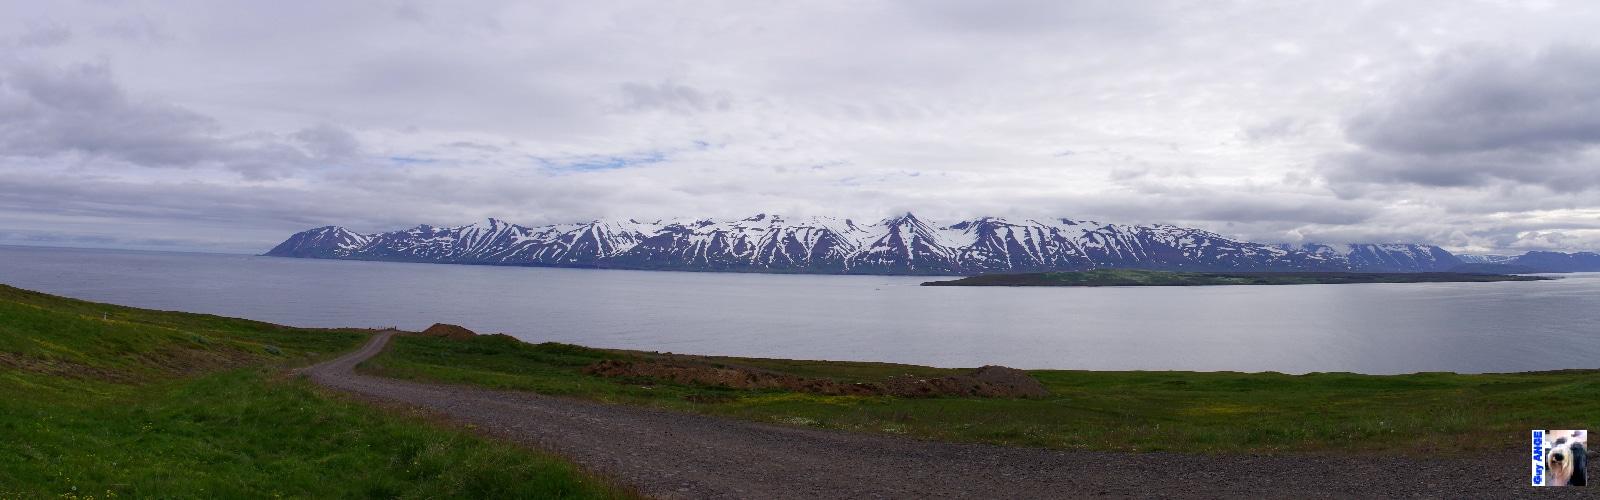 Les montagnes de la péninsule de Flateyjarskagi. (Akureyri sur la droite)